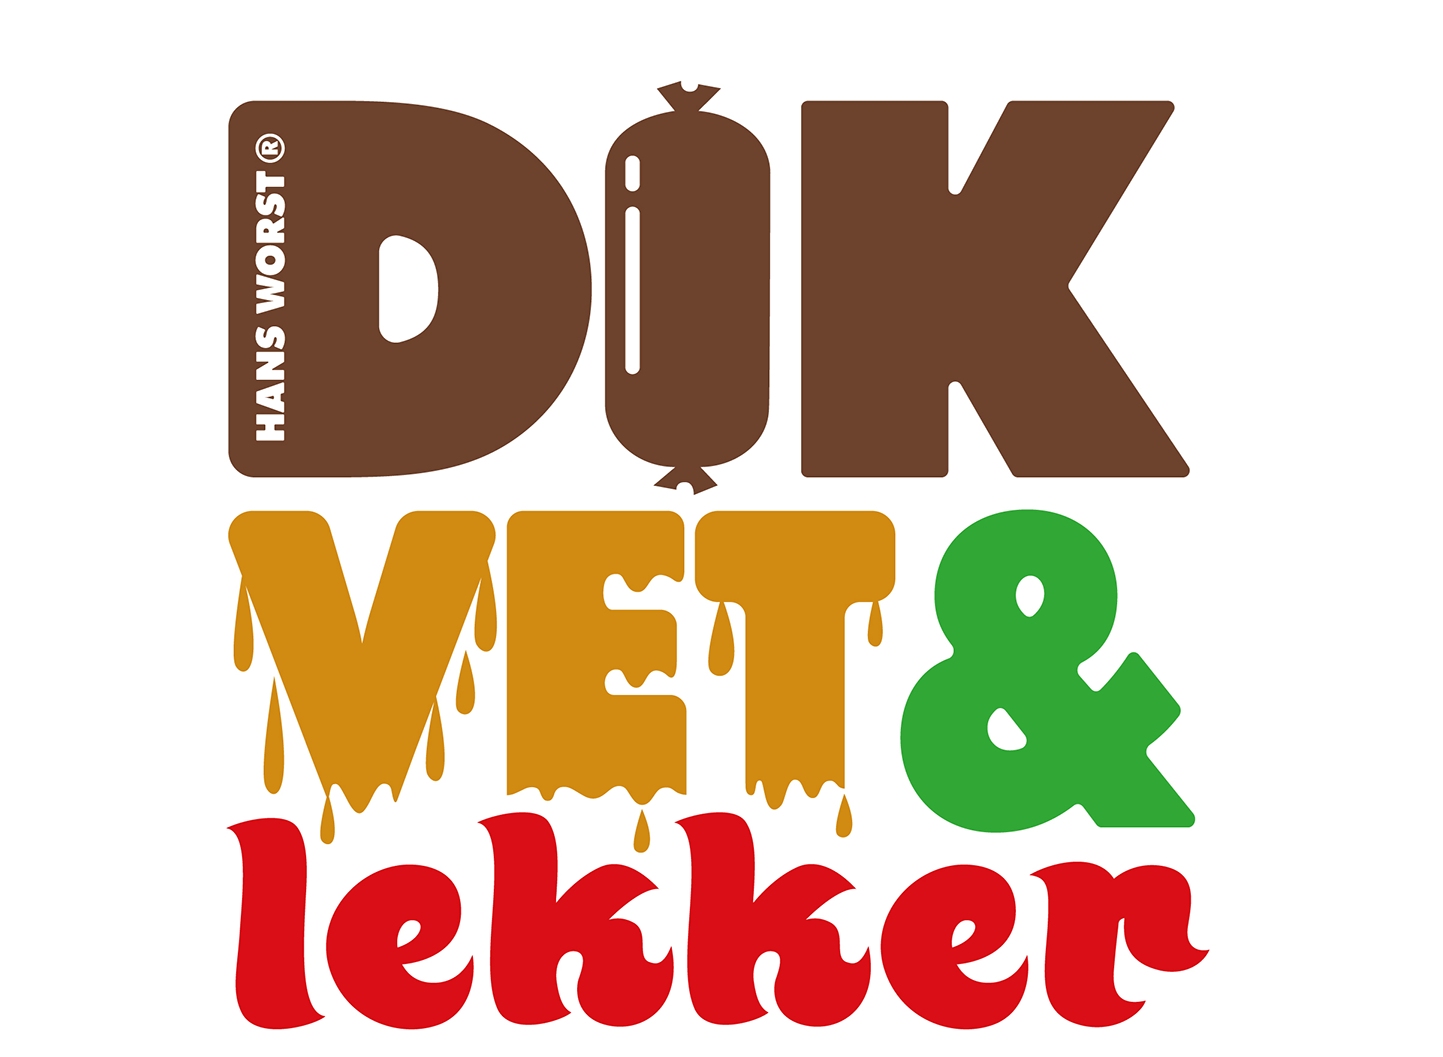 Dik_Vet_en_Lekker_def